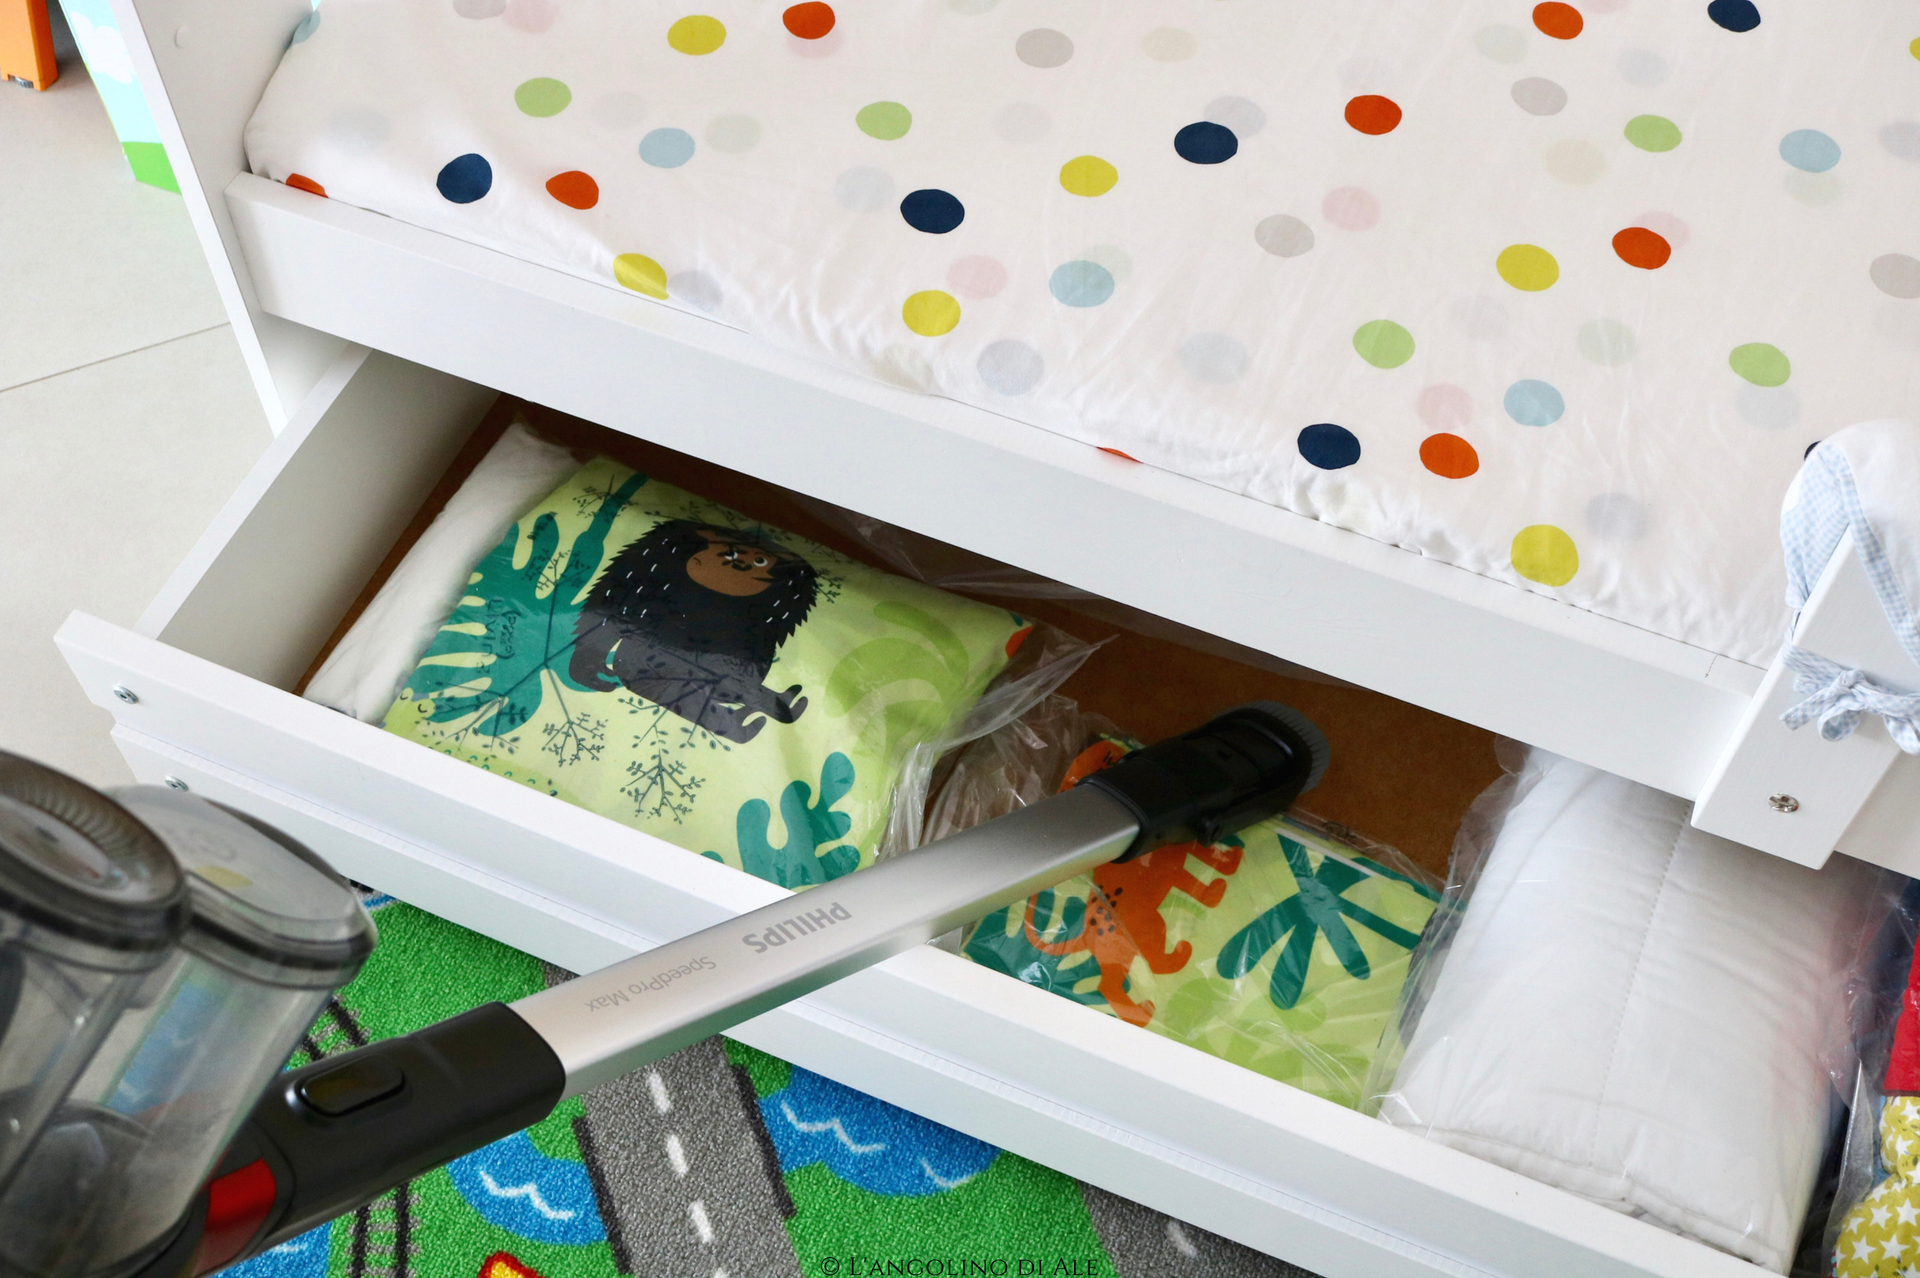 Organizzare le pulizie di casa quando si ha un bambino e o si lavora - Organizzare le pulizie di casa quando si lavora ...